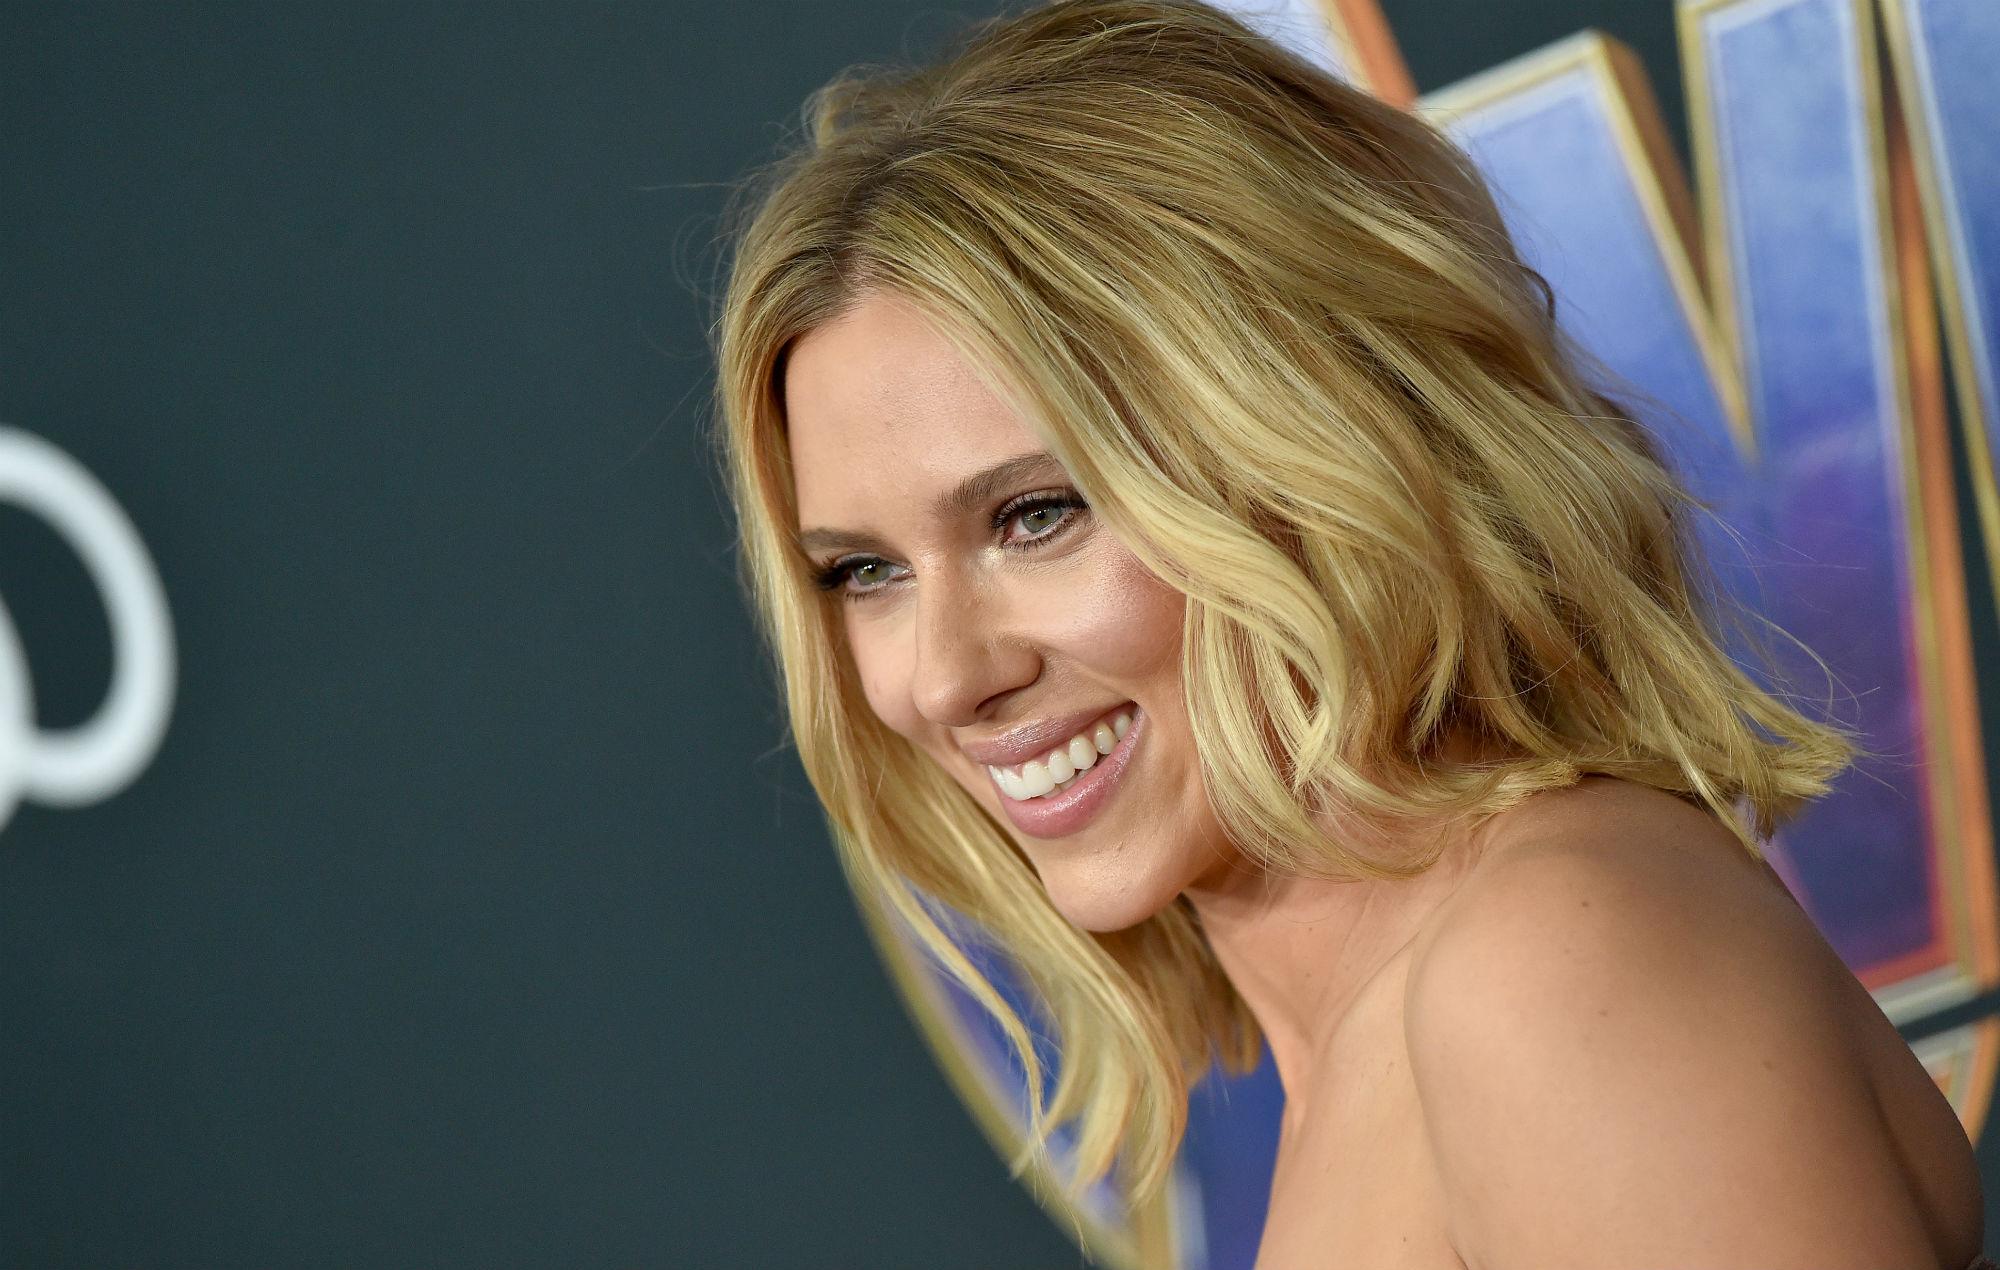 """Scarlett Johansson says 'Black Widow' movie gave her """"closure"""""""